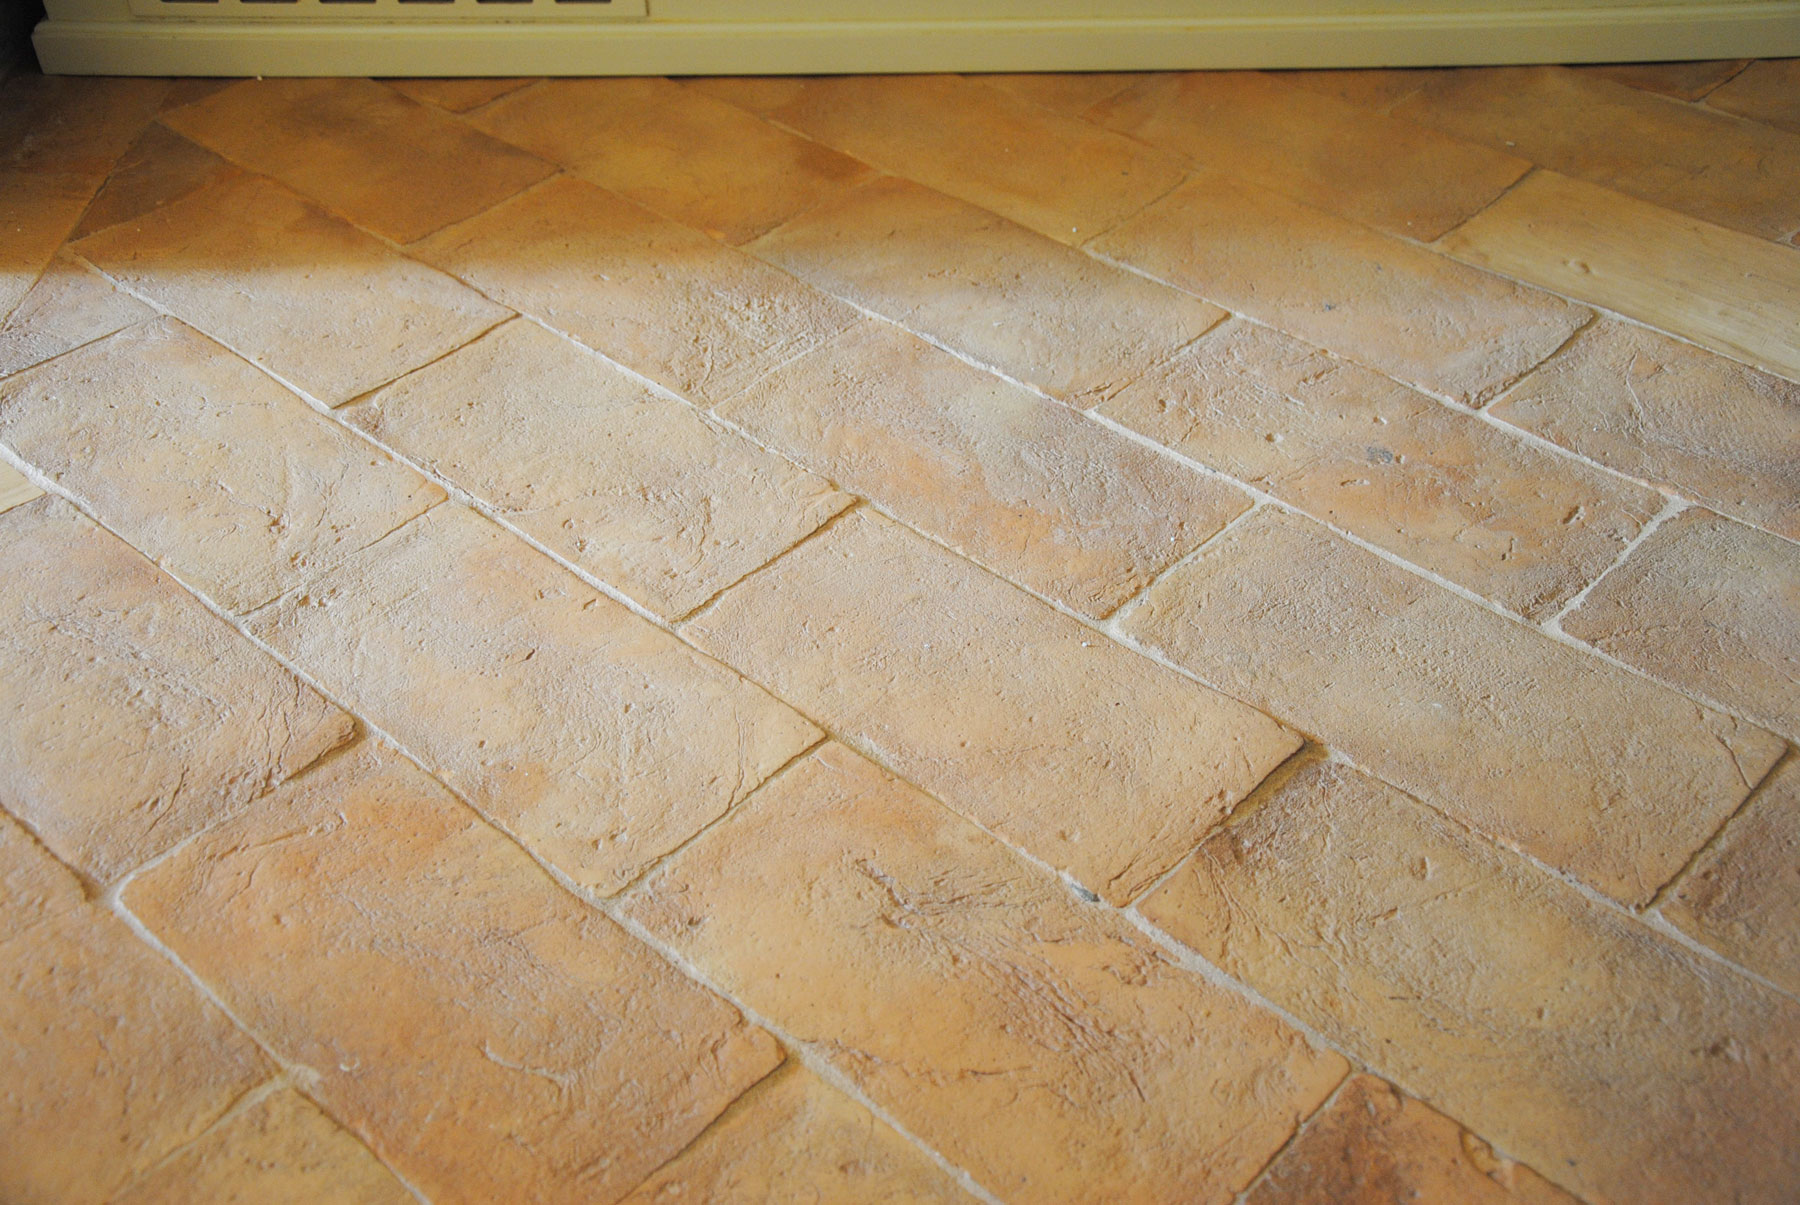 pavimenti stile industriale in cotto fatto a mano